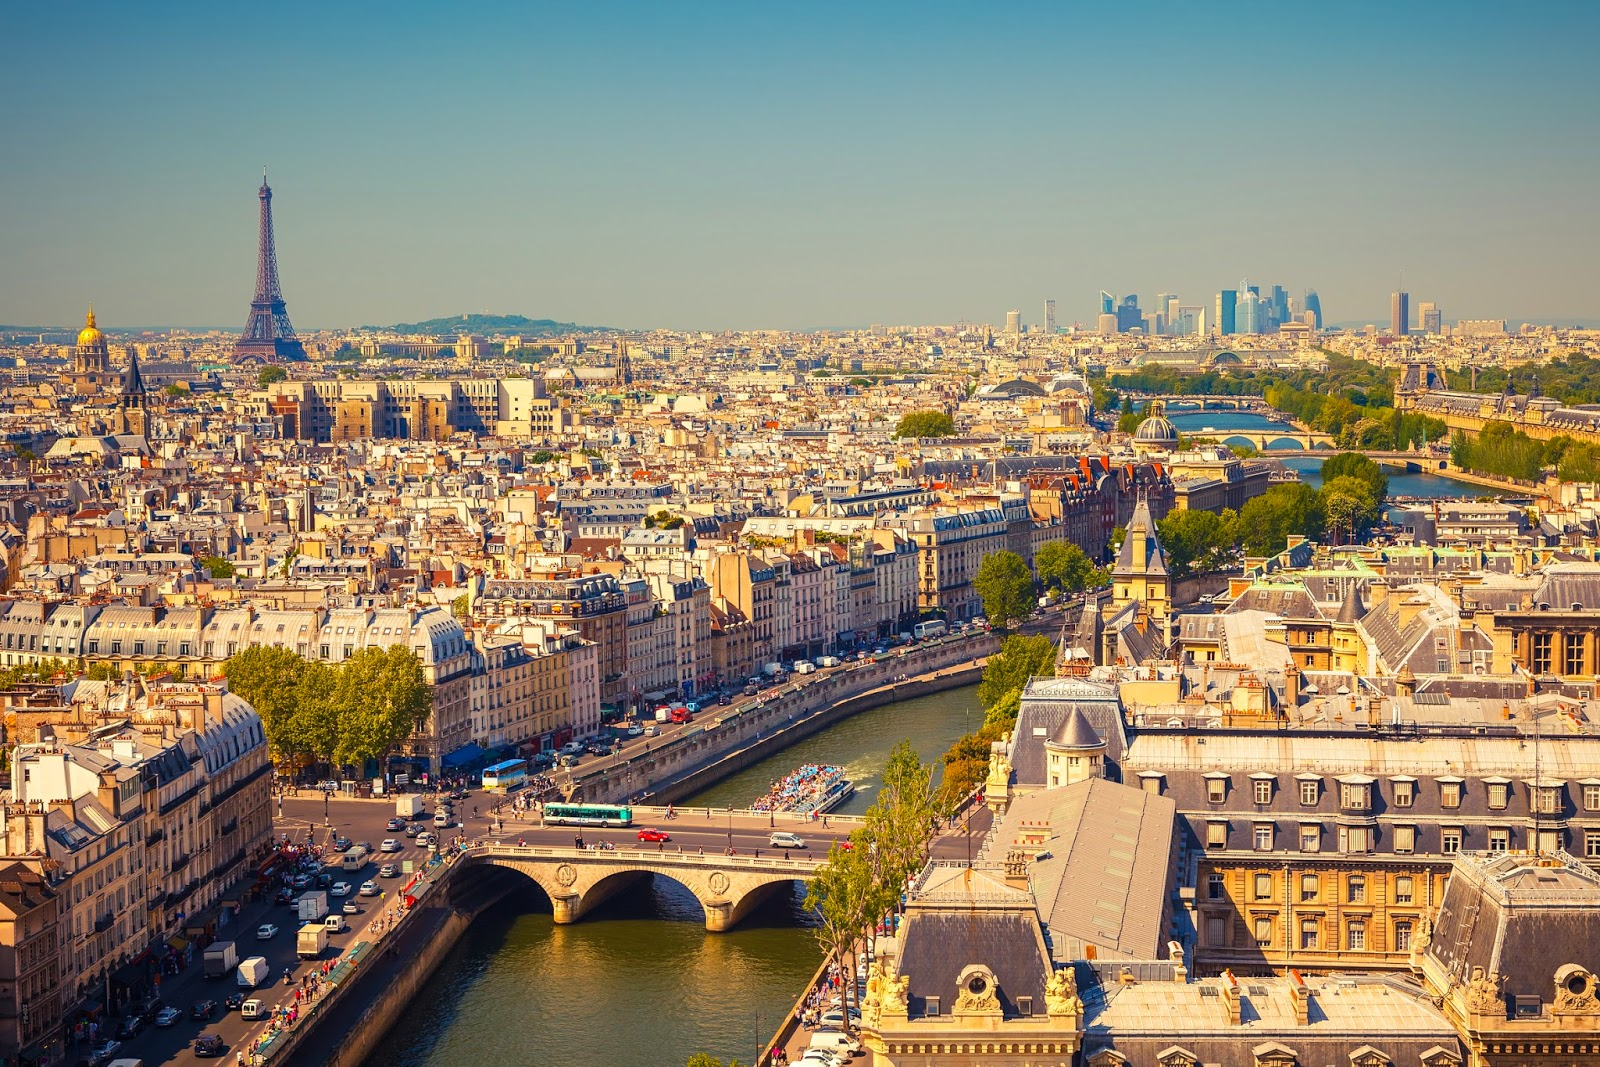 بالصور صور فرنسا , اجمل المناطق في فرنسا 1147 3